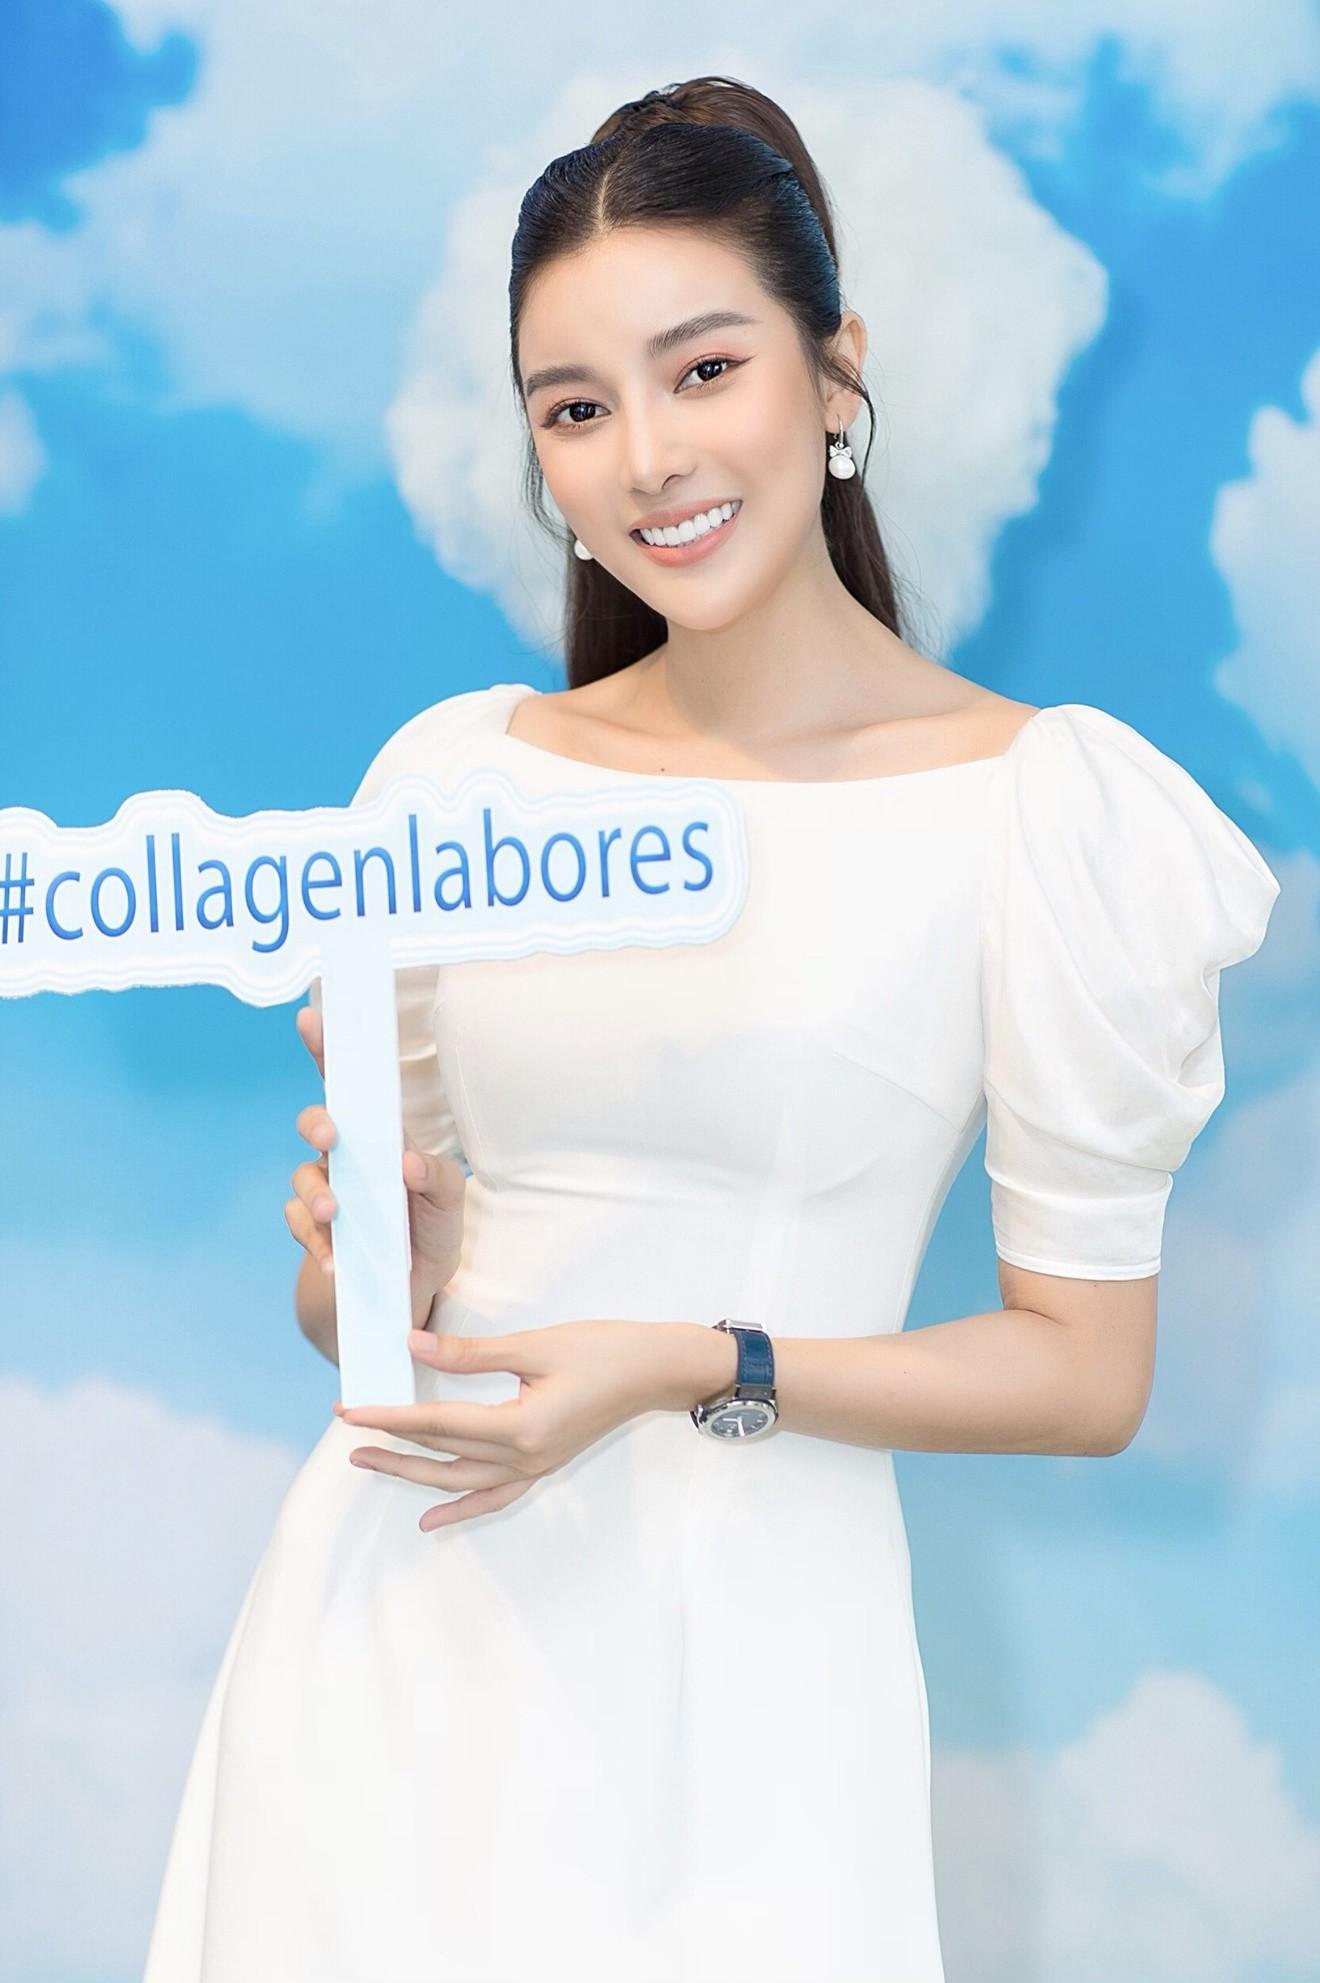 Cao Thái Hà chính thức bước vào lĩnh vực làm đẹp với Collagen Labores - Ảnh 1.